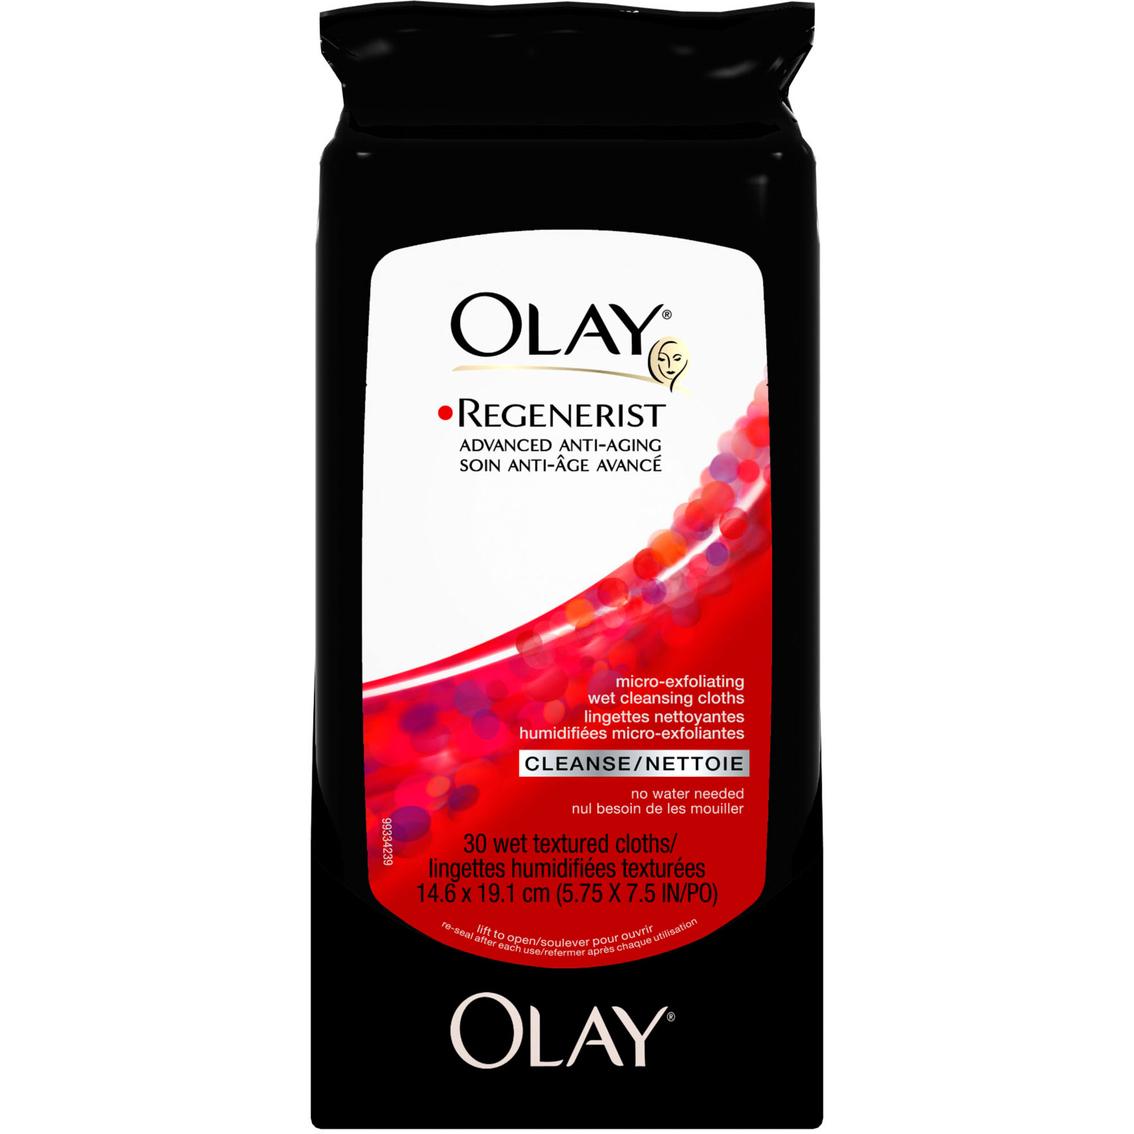 Olay Regenerist Micro Exfoliating Wet Cleansing Cloths 30 Ct Revitalising Cream